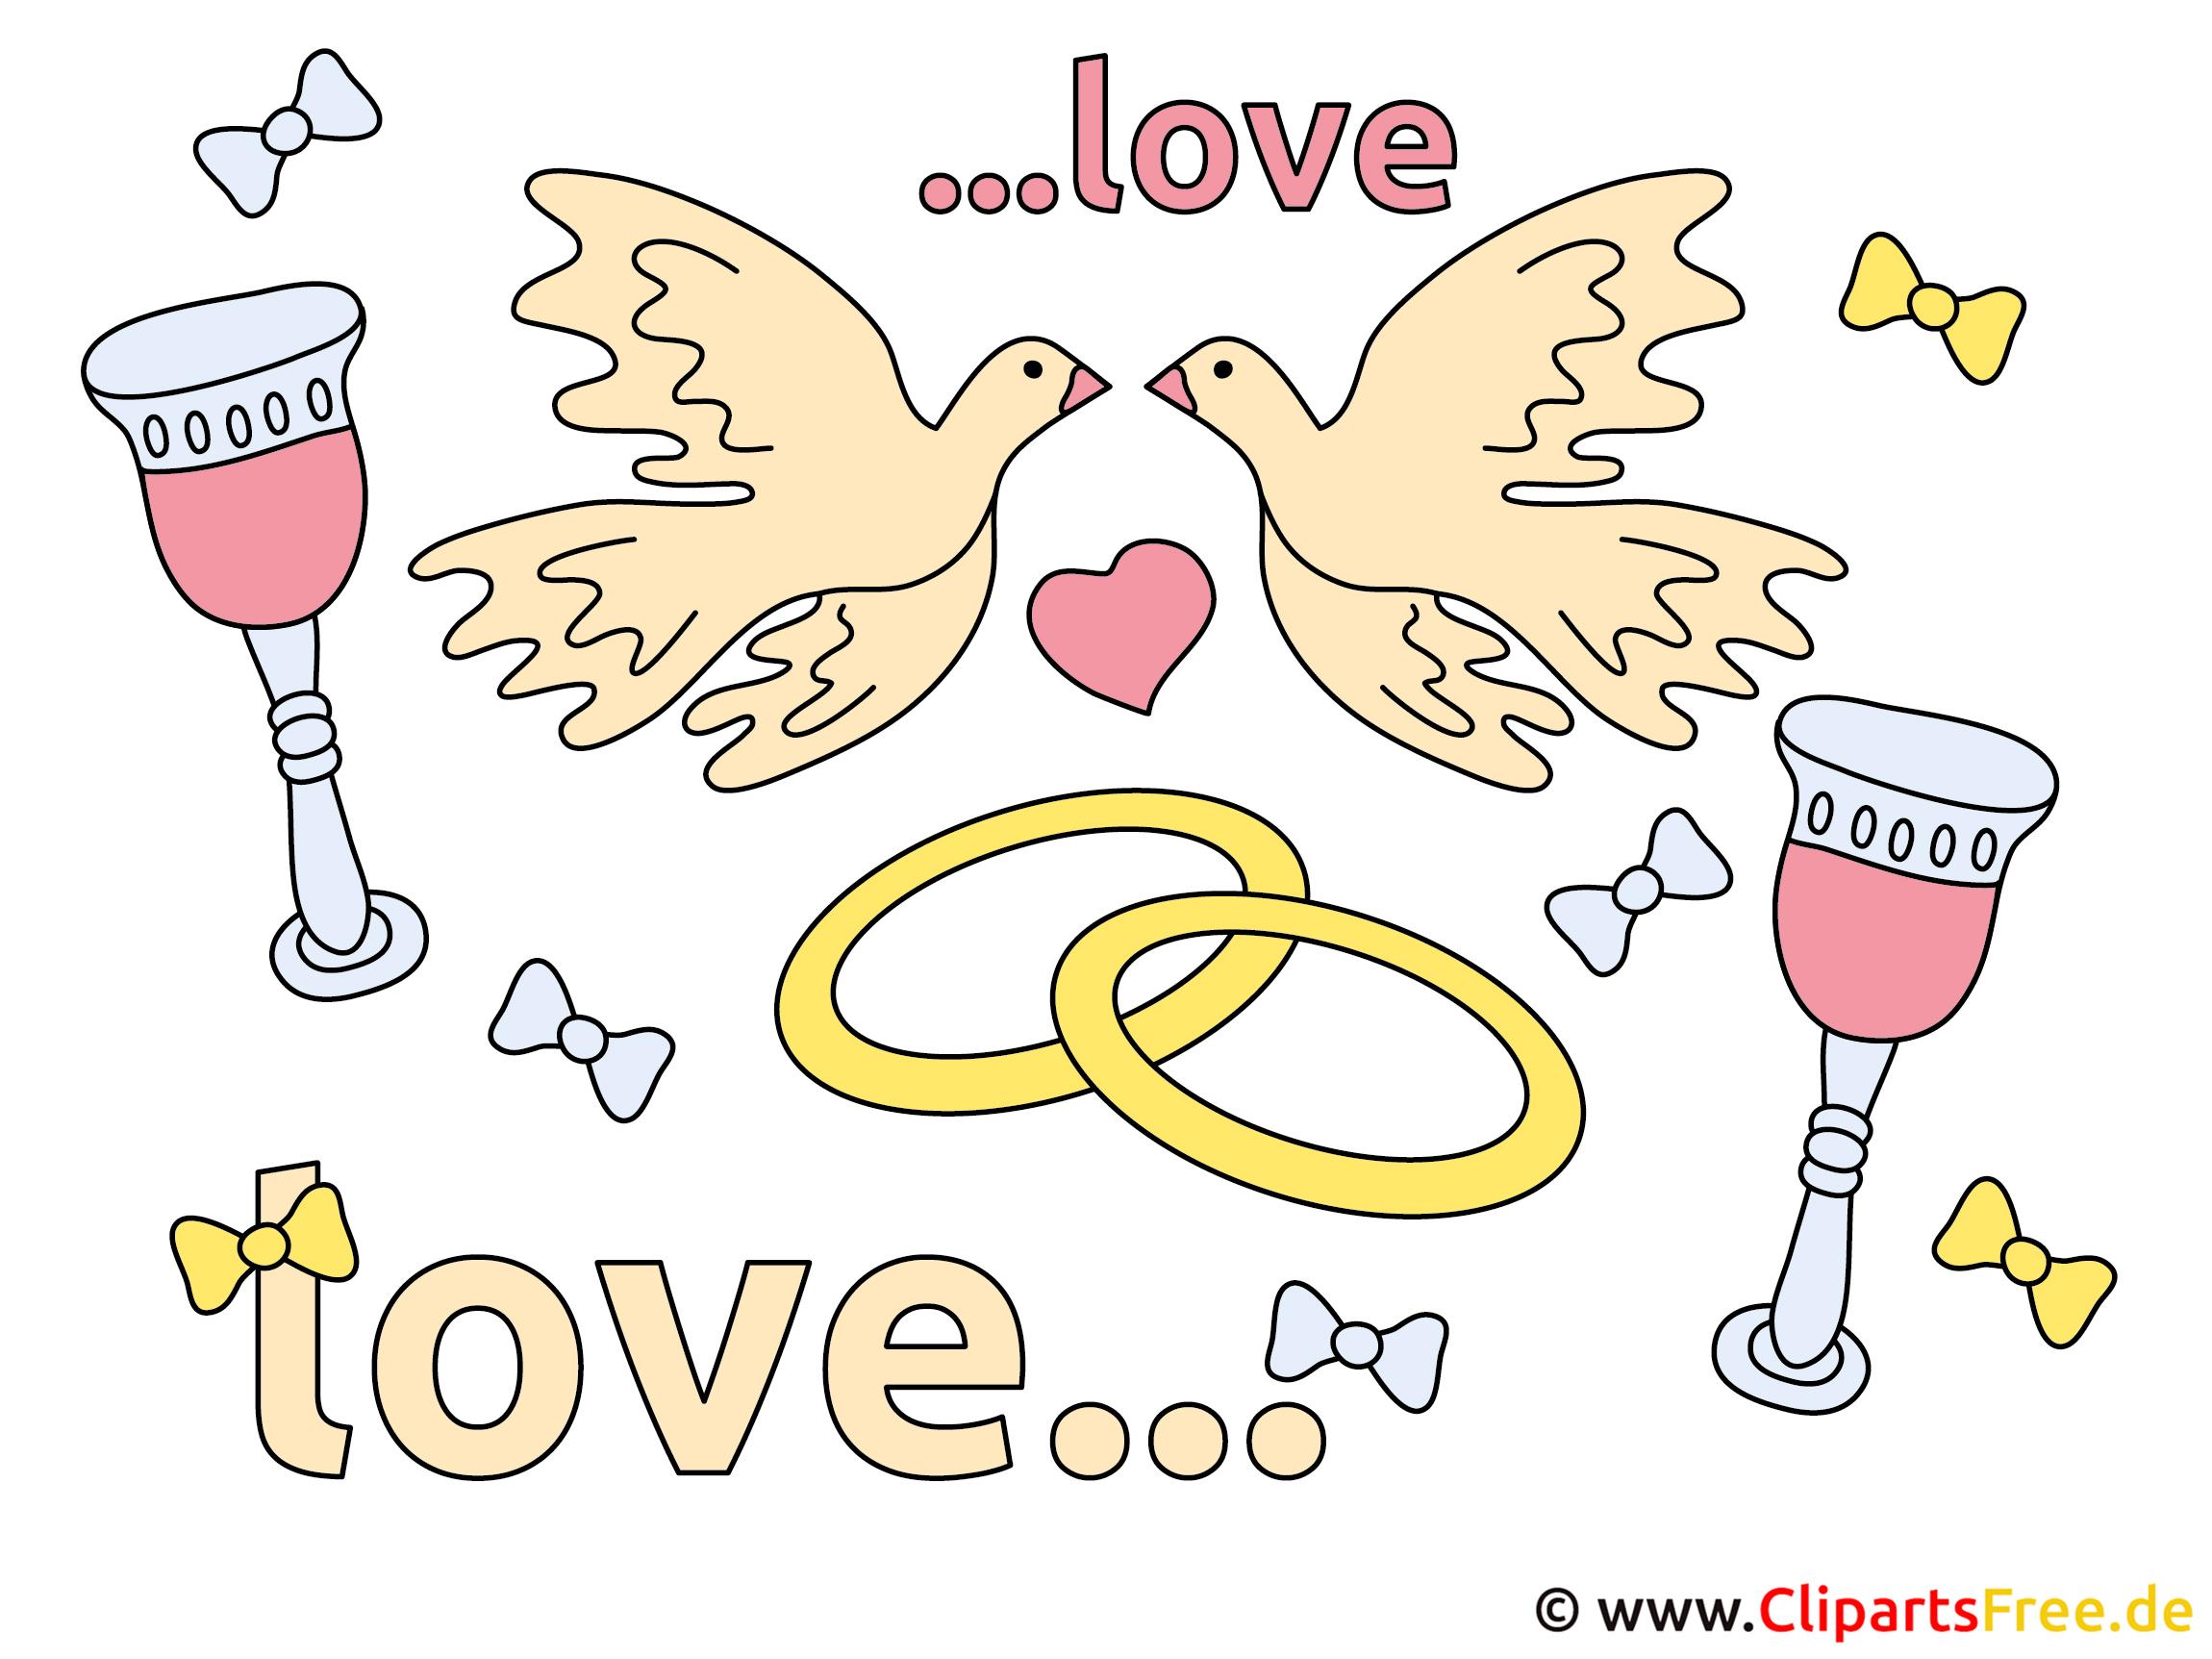 Glückwünsche zur Hochzeit Clipart